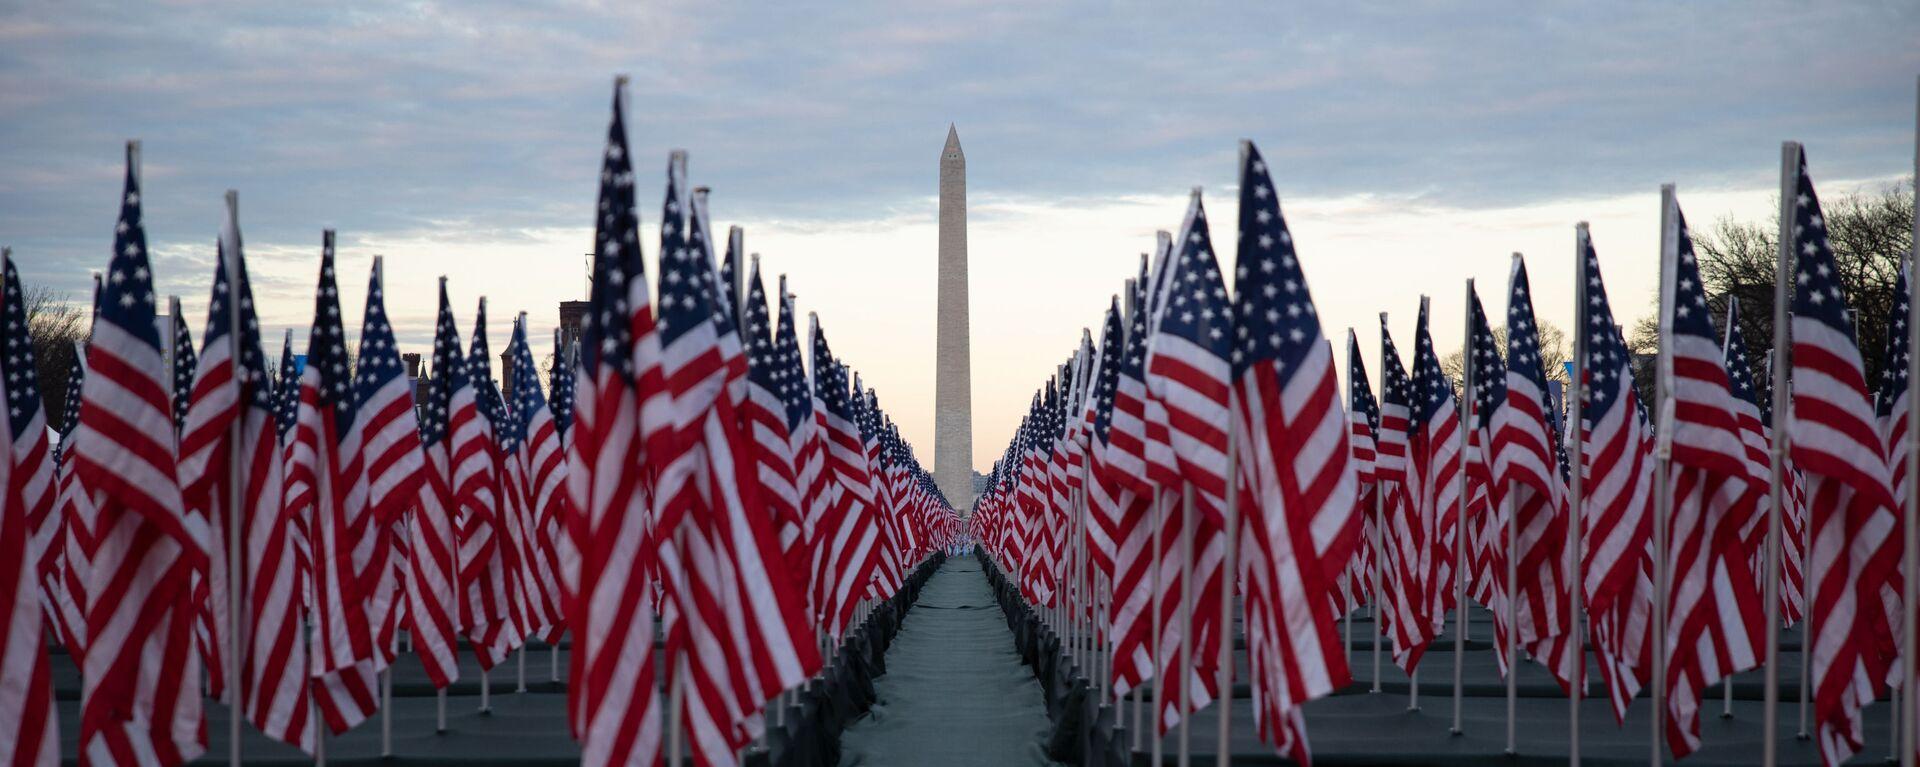 Флаги США перед Монументом Вашингтону - Sputnik Узбекистан, 1920, 06.02.2021